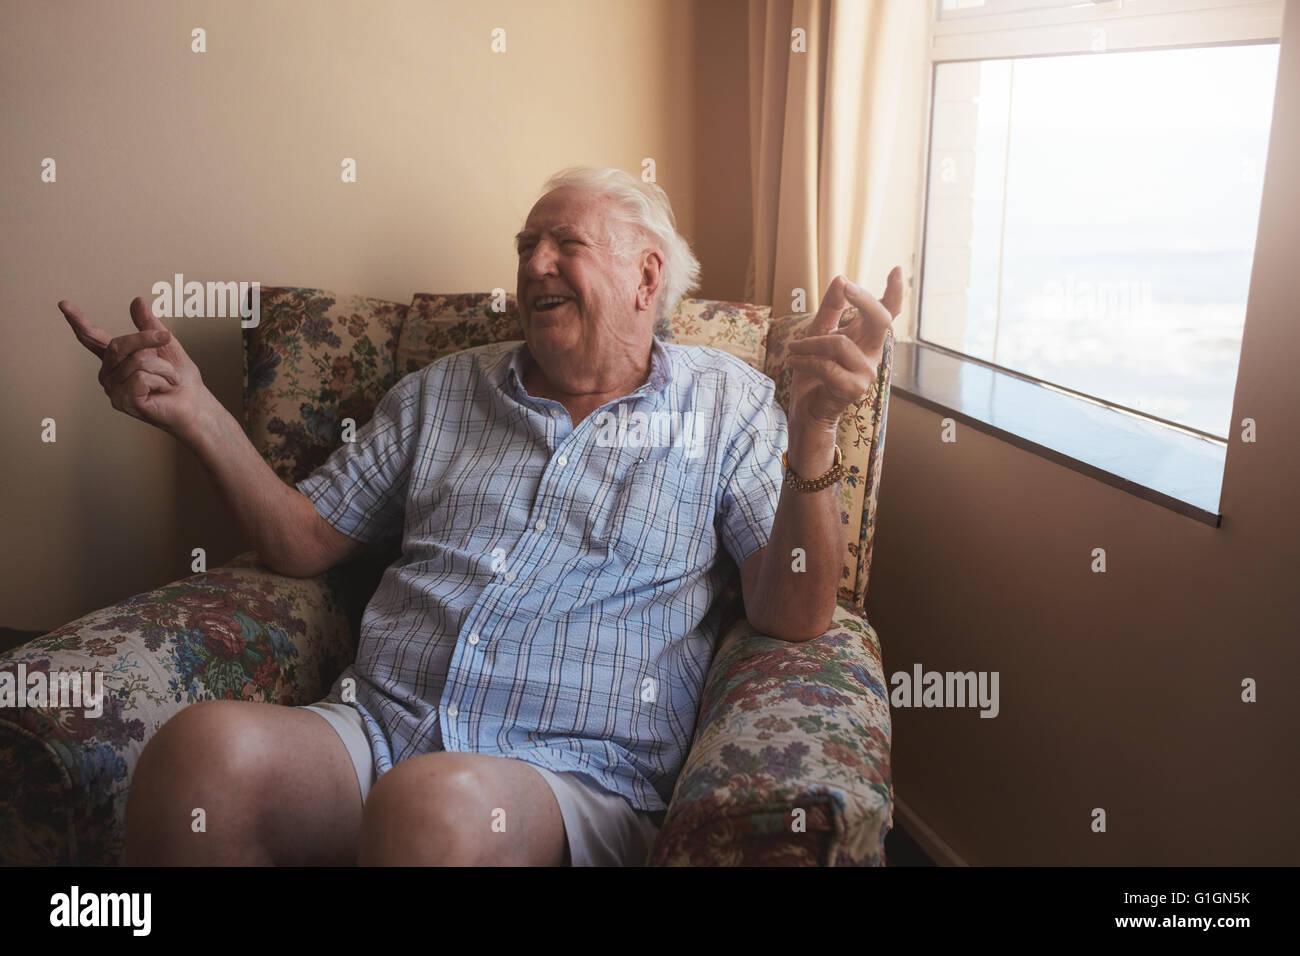 Filmación en interiores de feliz anciano sentado en un sillón y sonriente. Hombre Senior relajante en Imagen De Stock